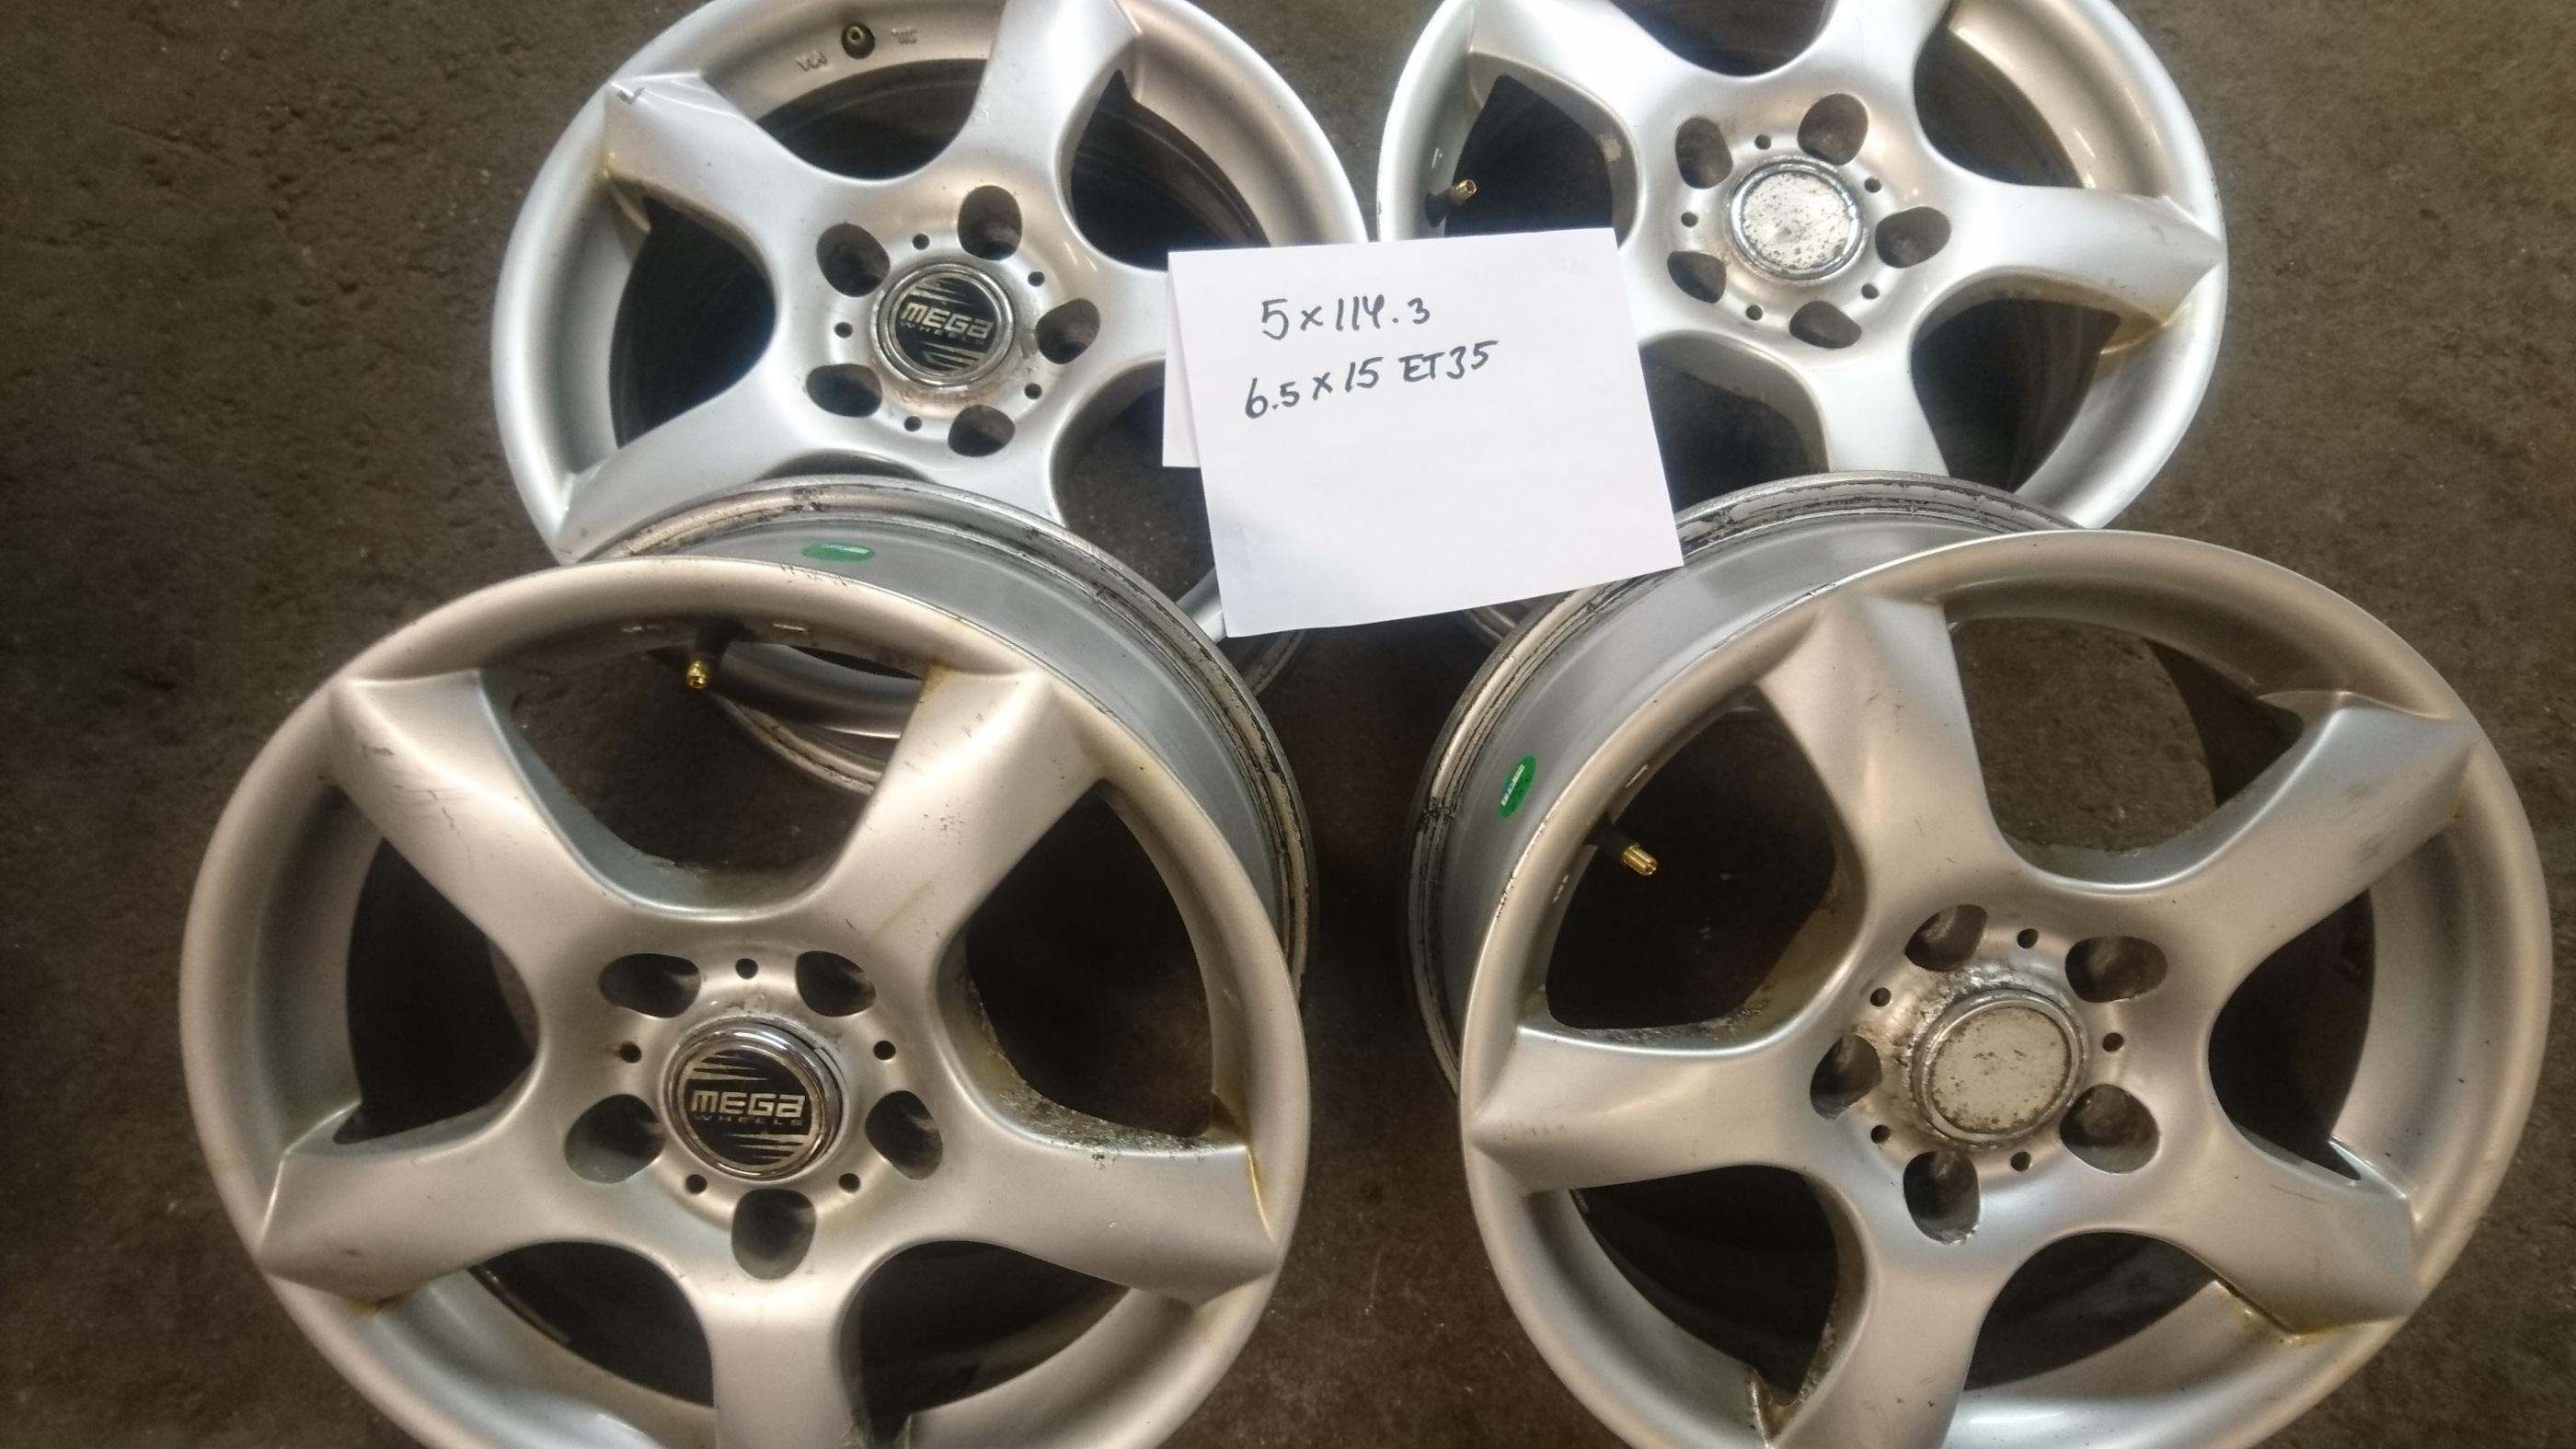 sälja däck och fälg